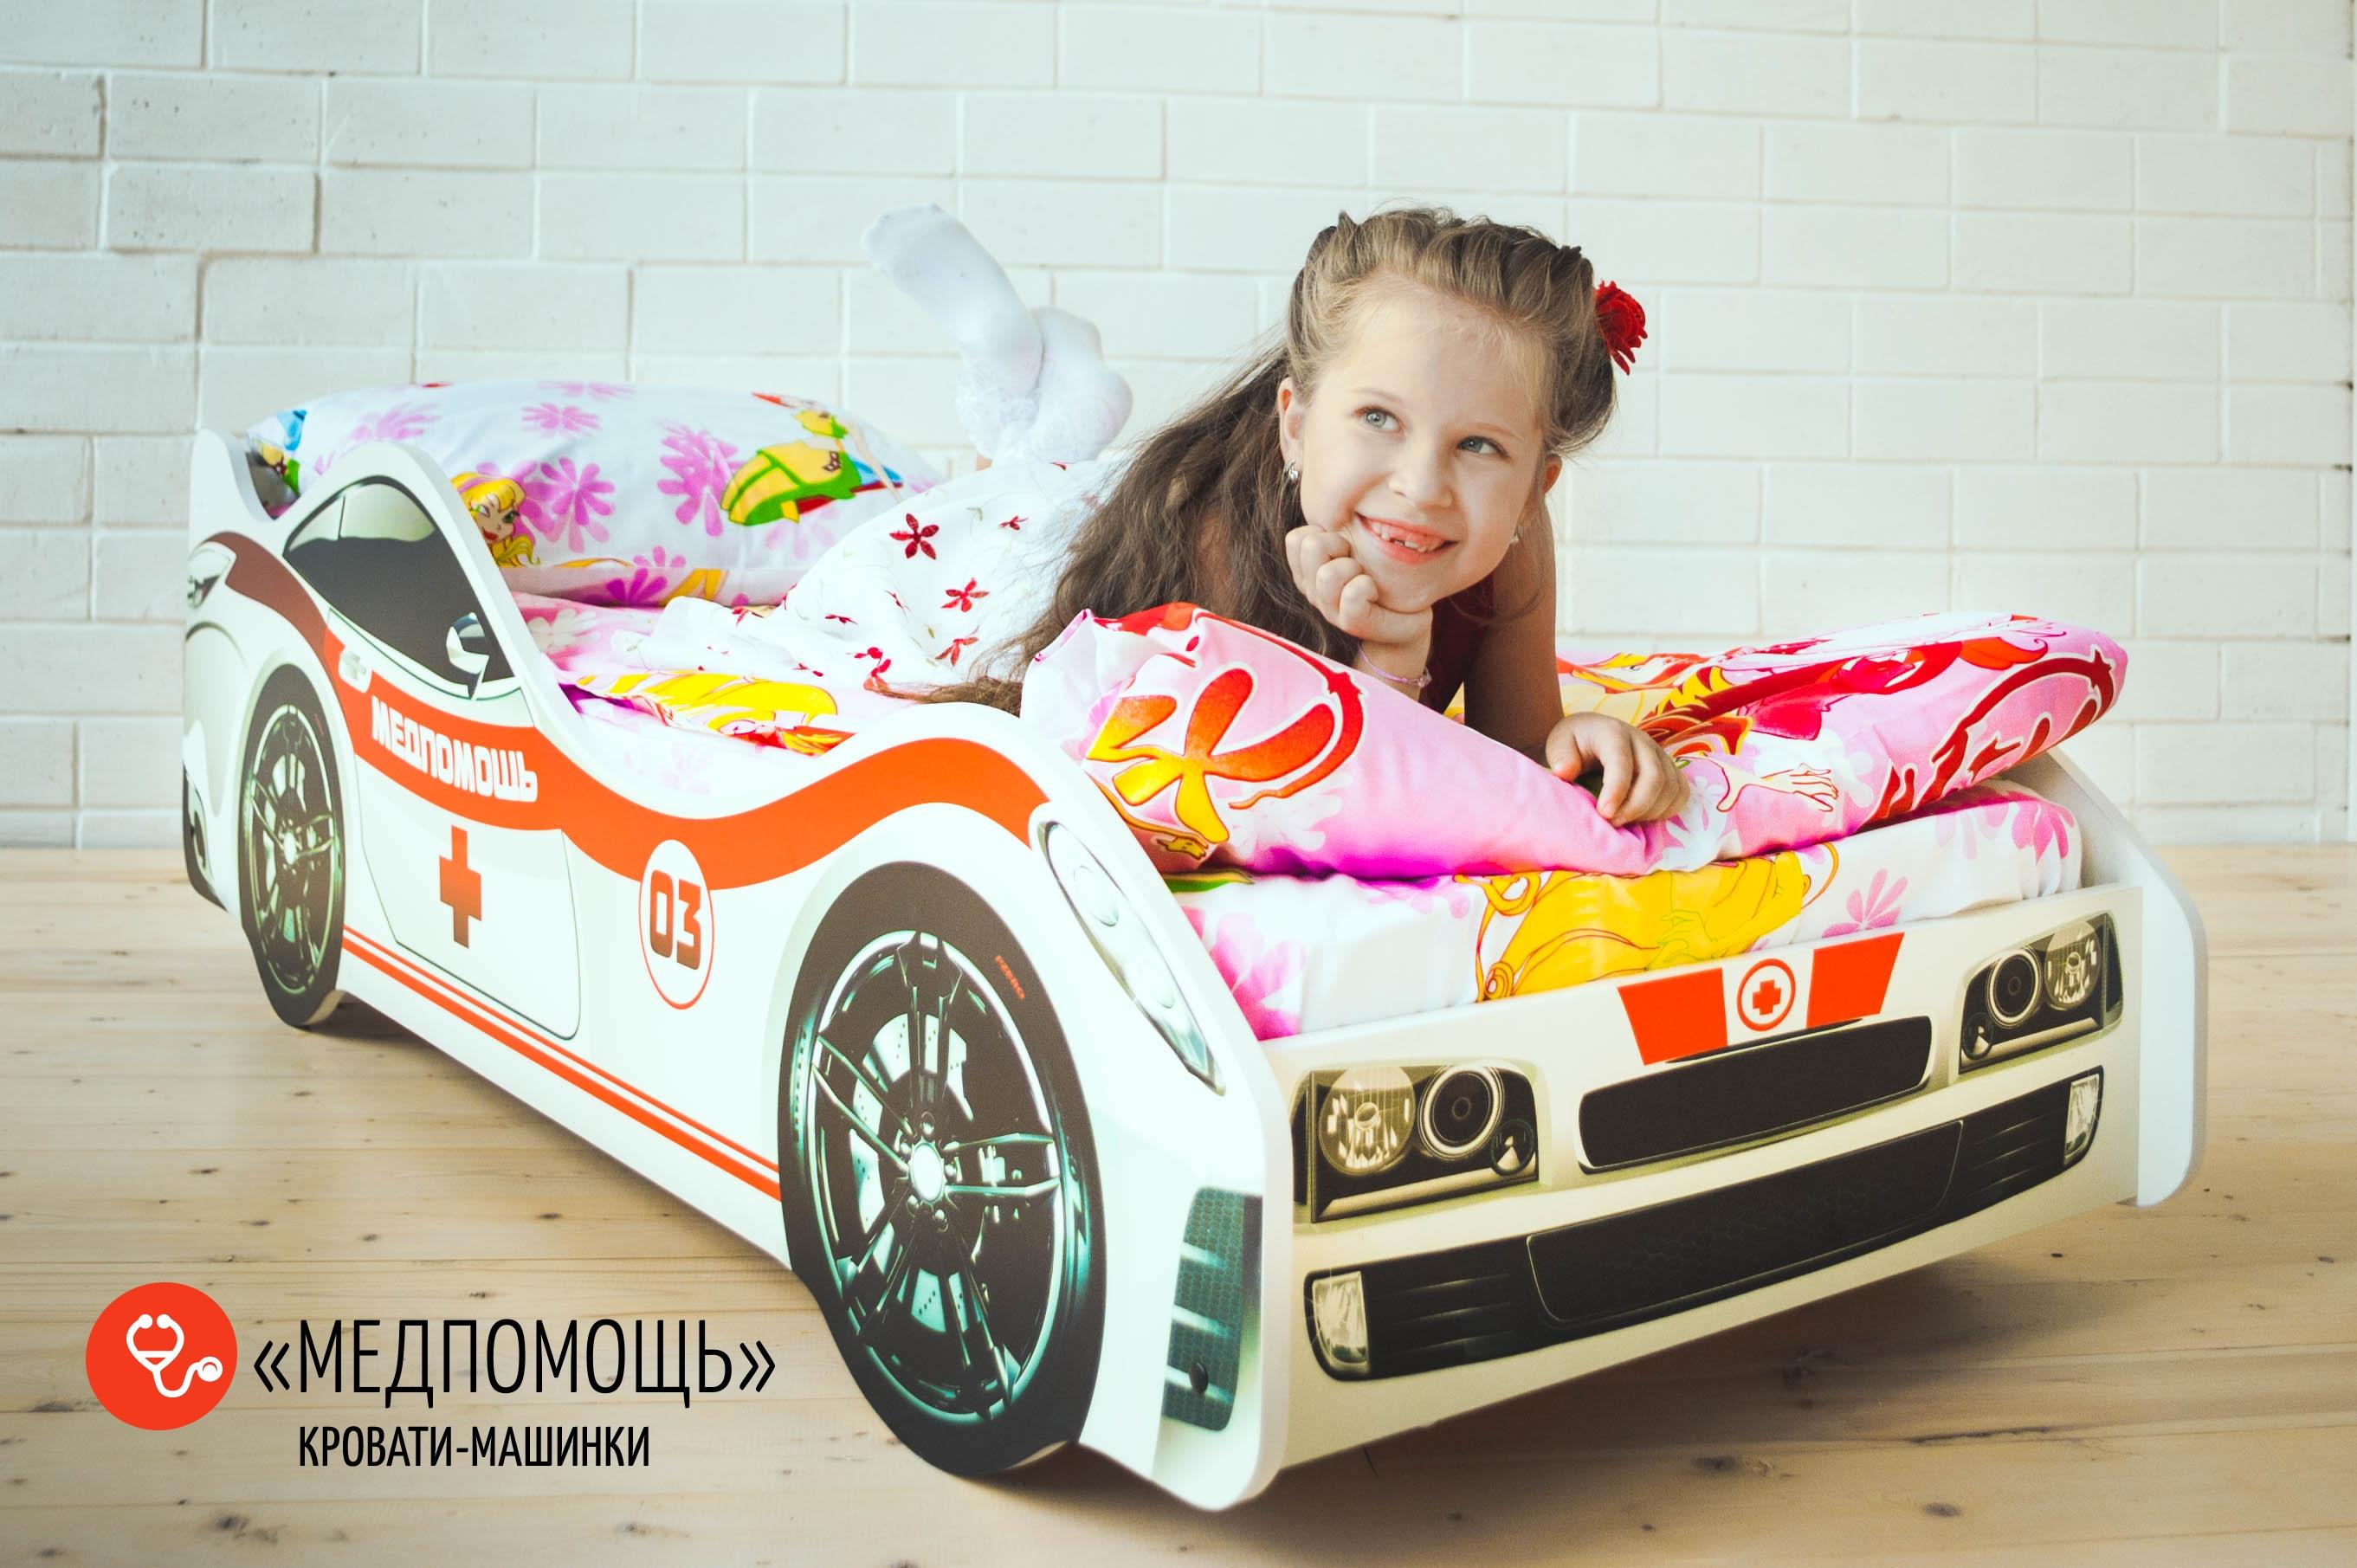 Детская кровать-машина -Медпомощь-1